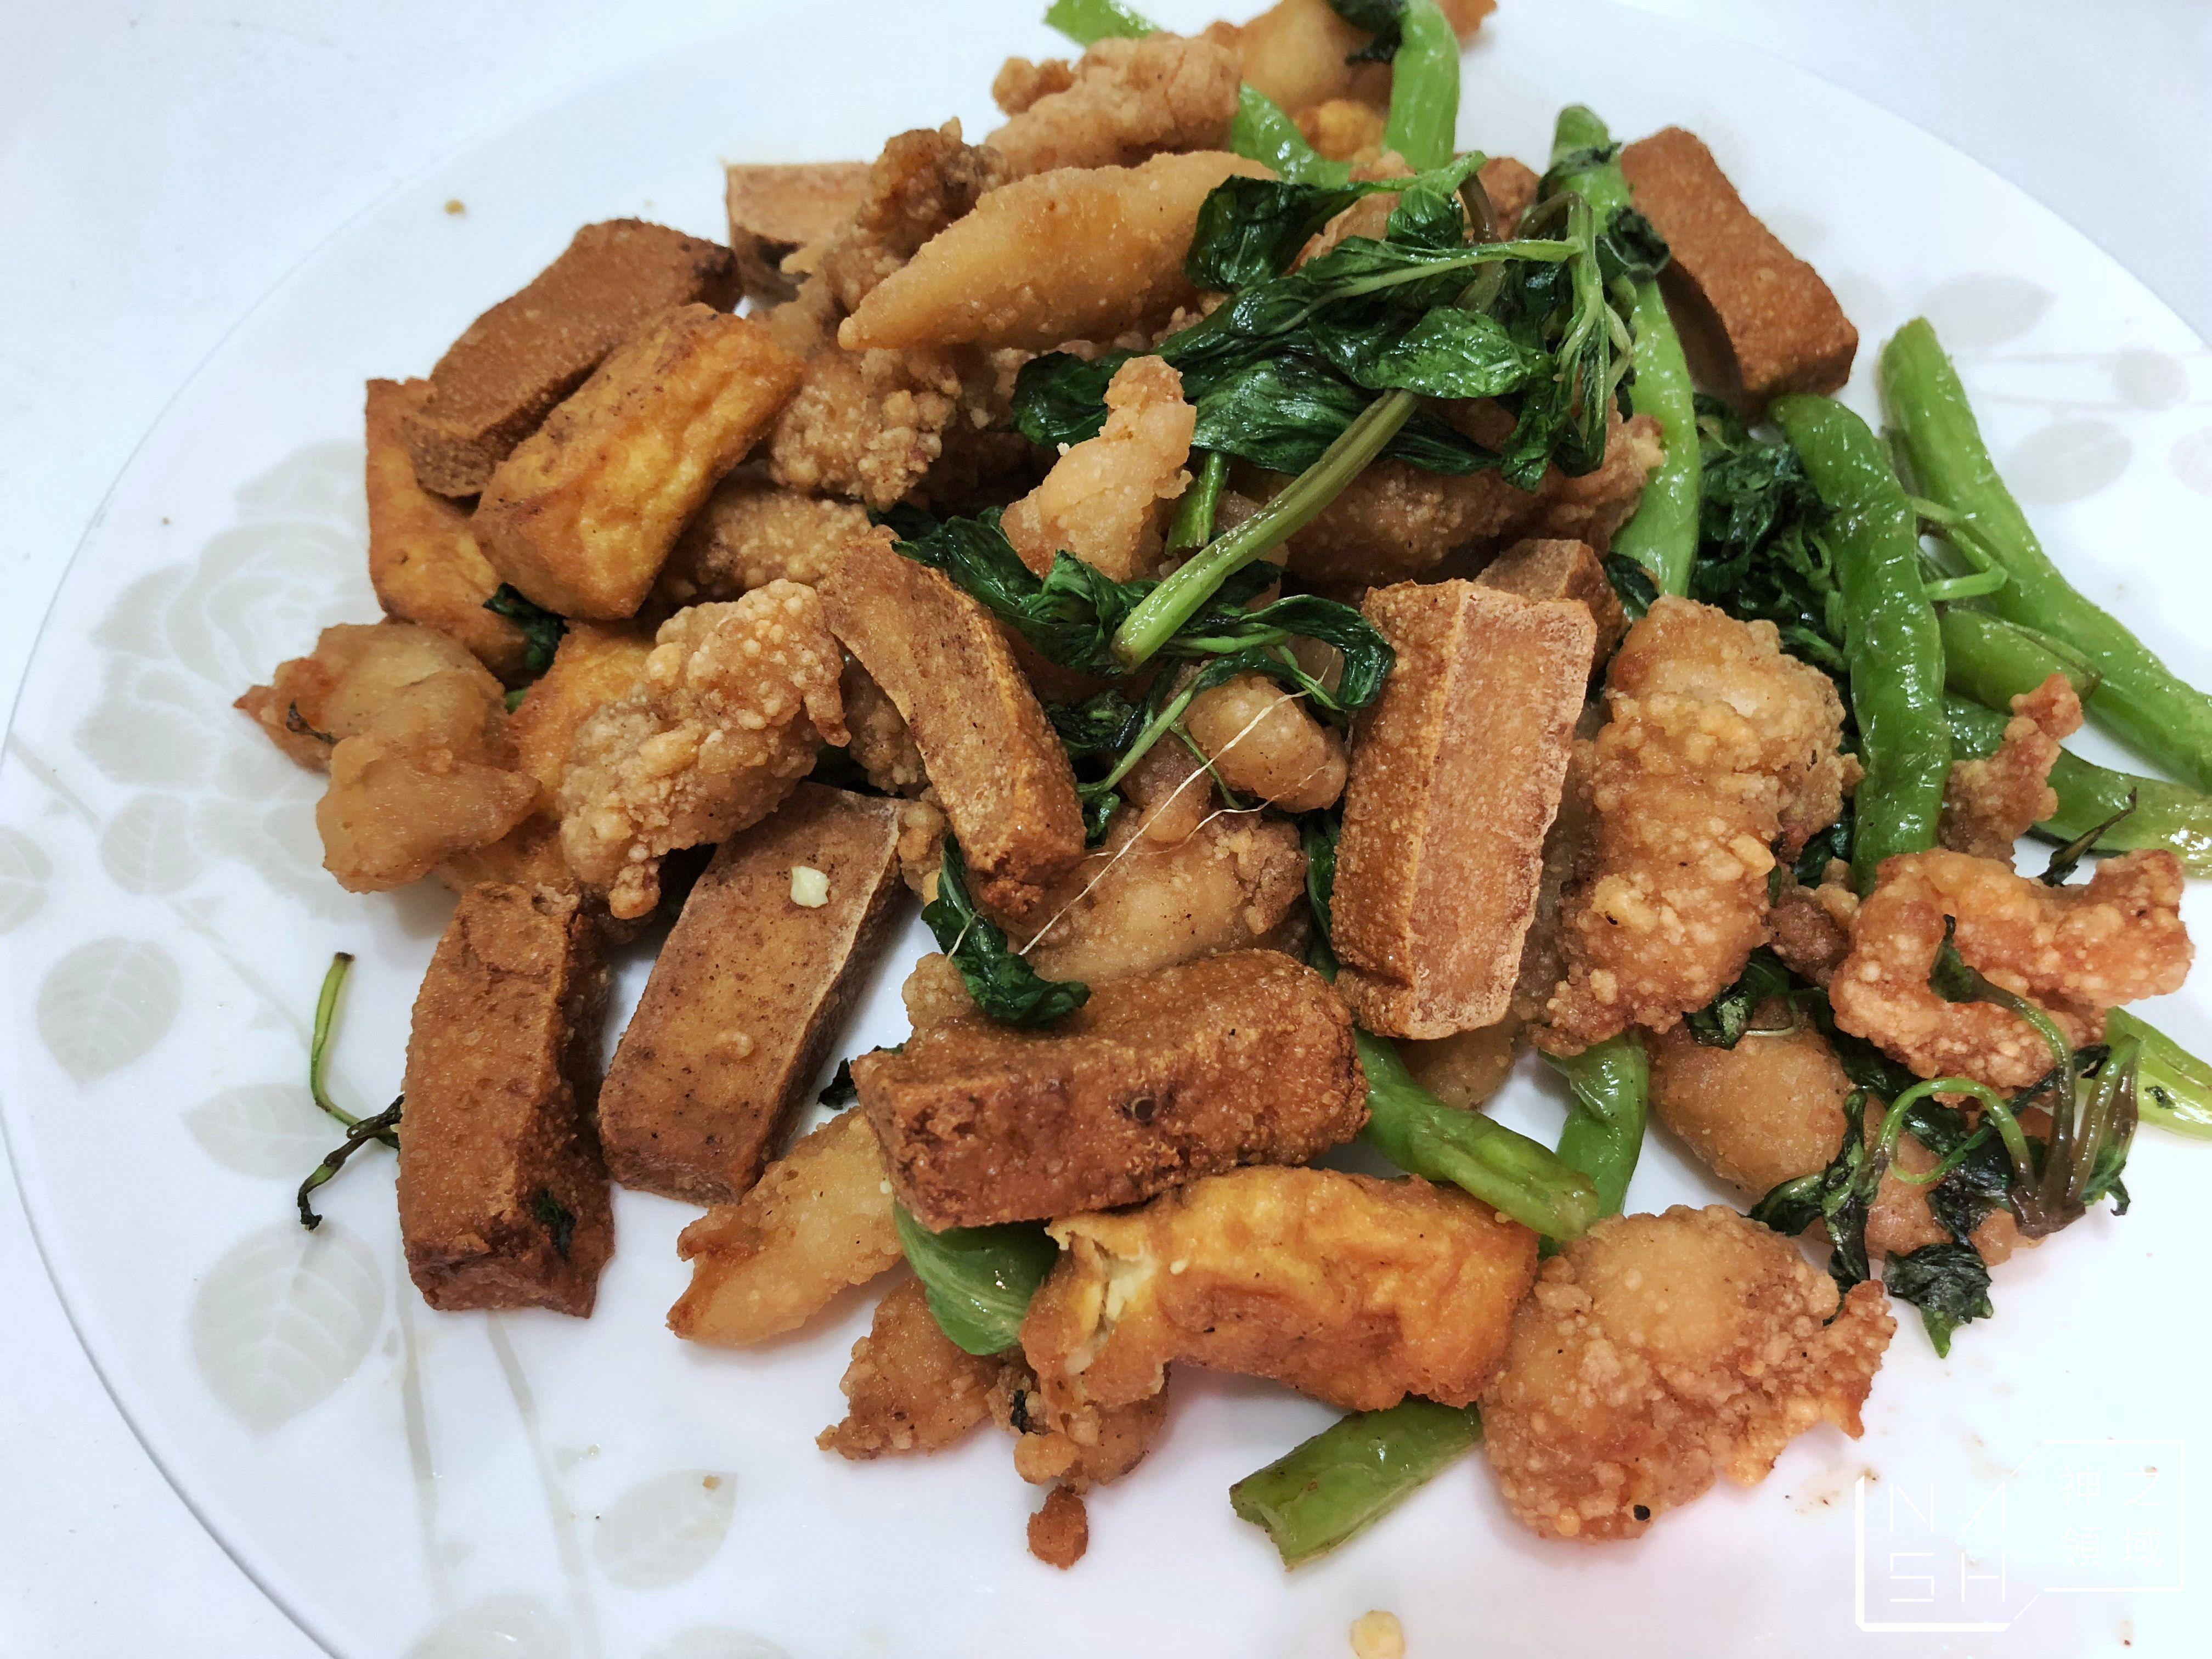 三街巷鹹酥雞,士林捷運站美食,士林鹽酥雞 @Nash,神之領域